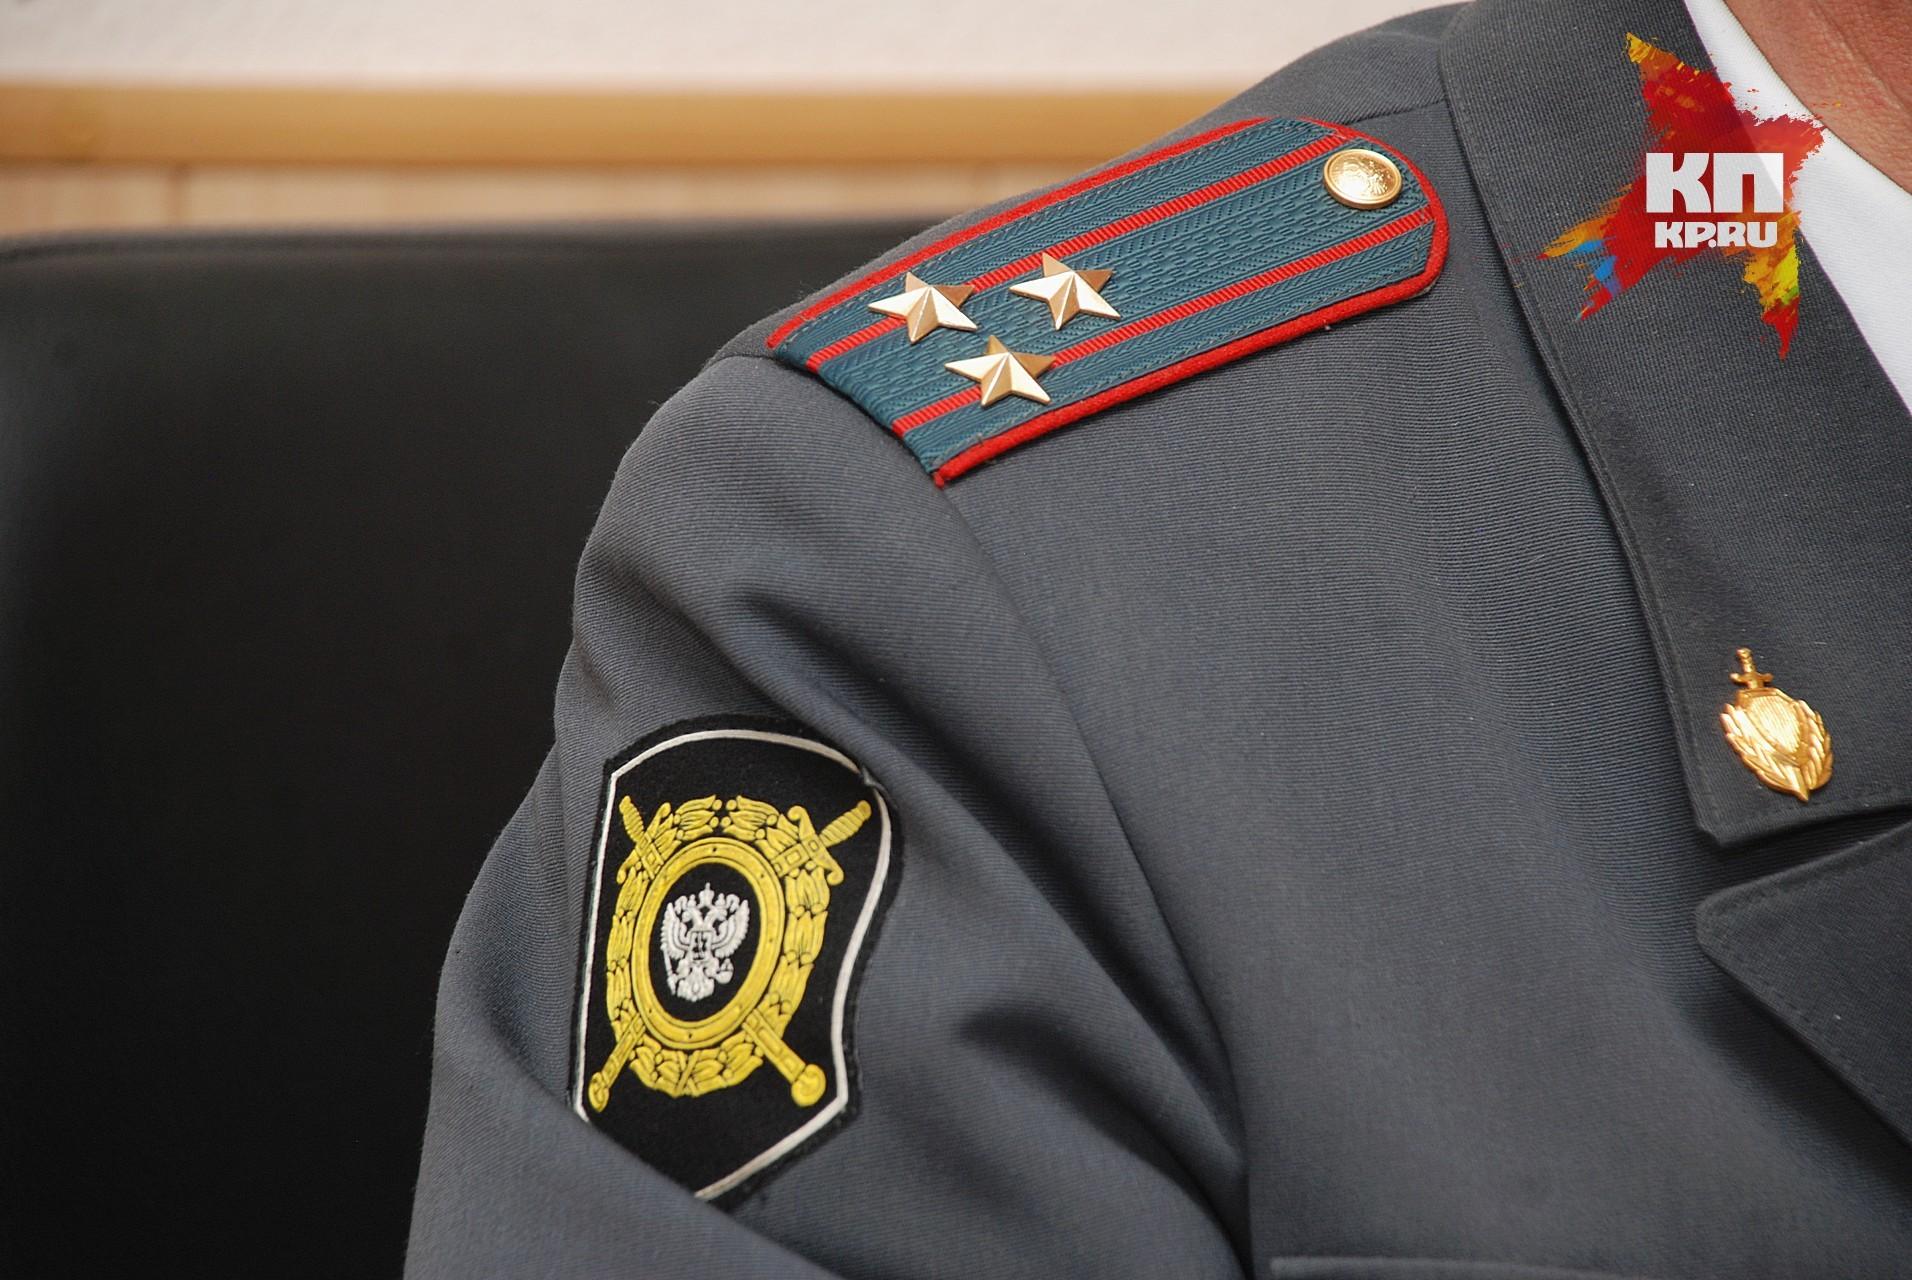 Полицейского изКрасноярска обвинили вприсвоении талонов набензин